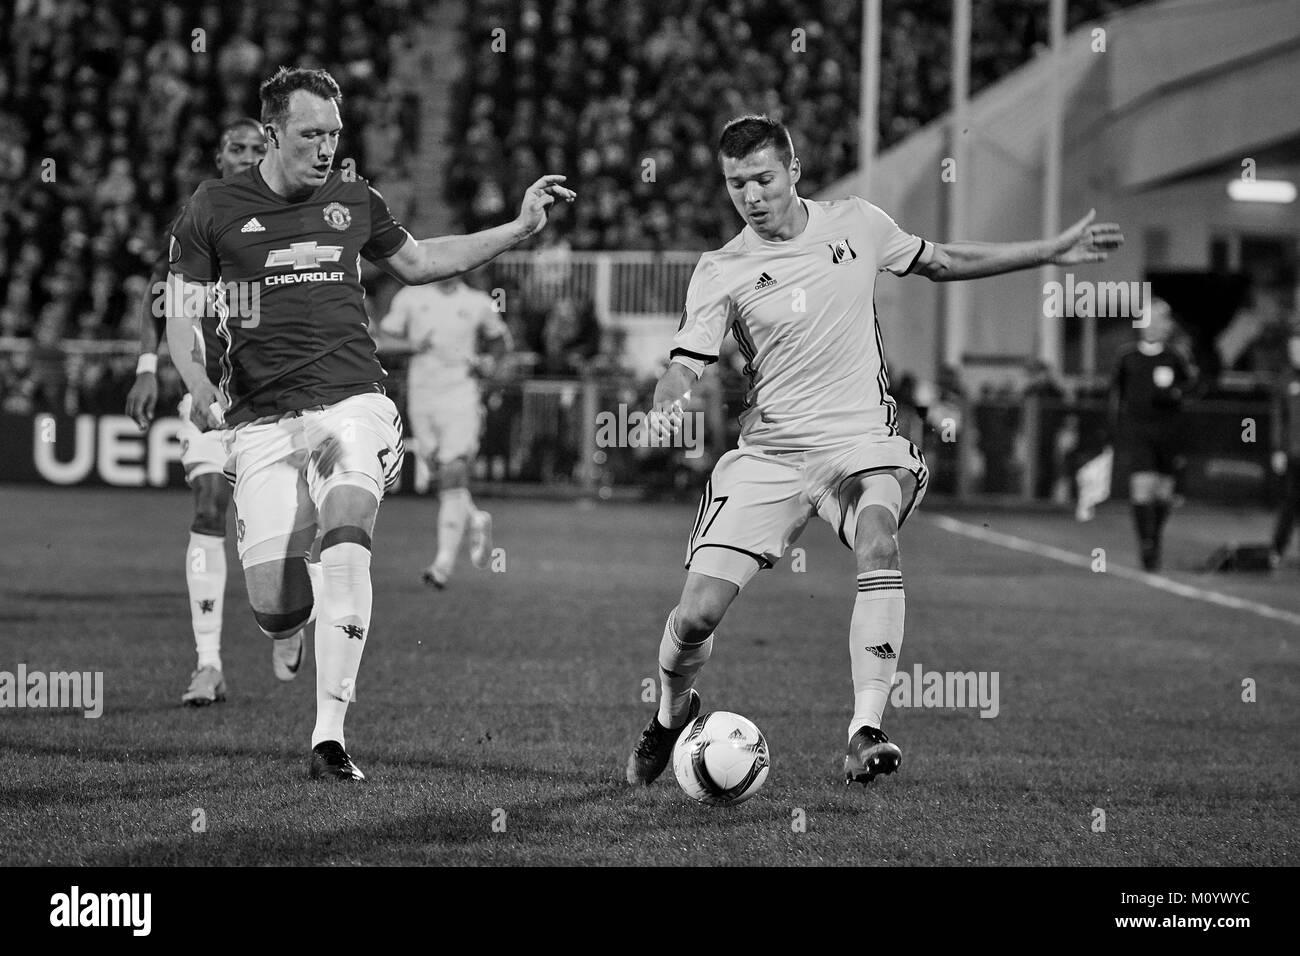 United stalls mot rostov i europa league